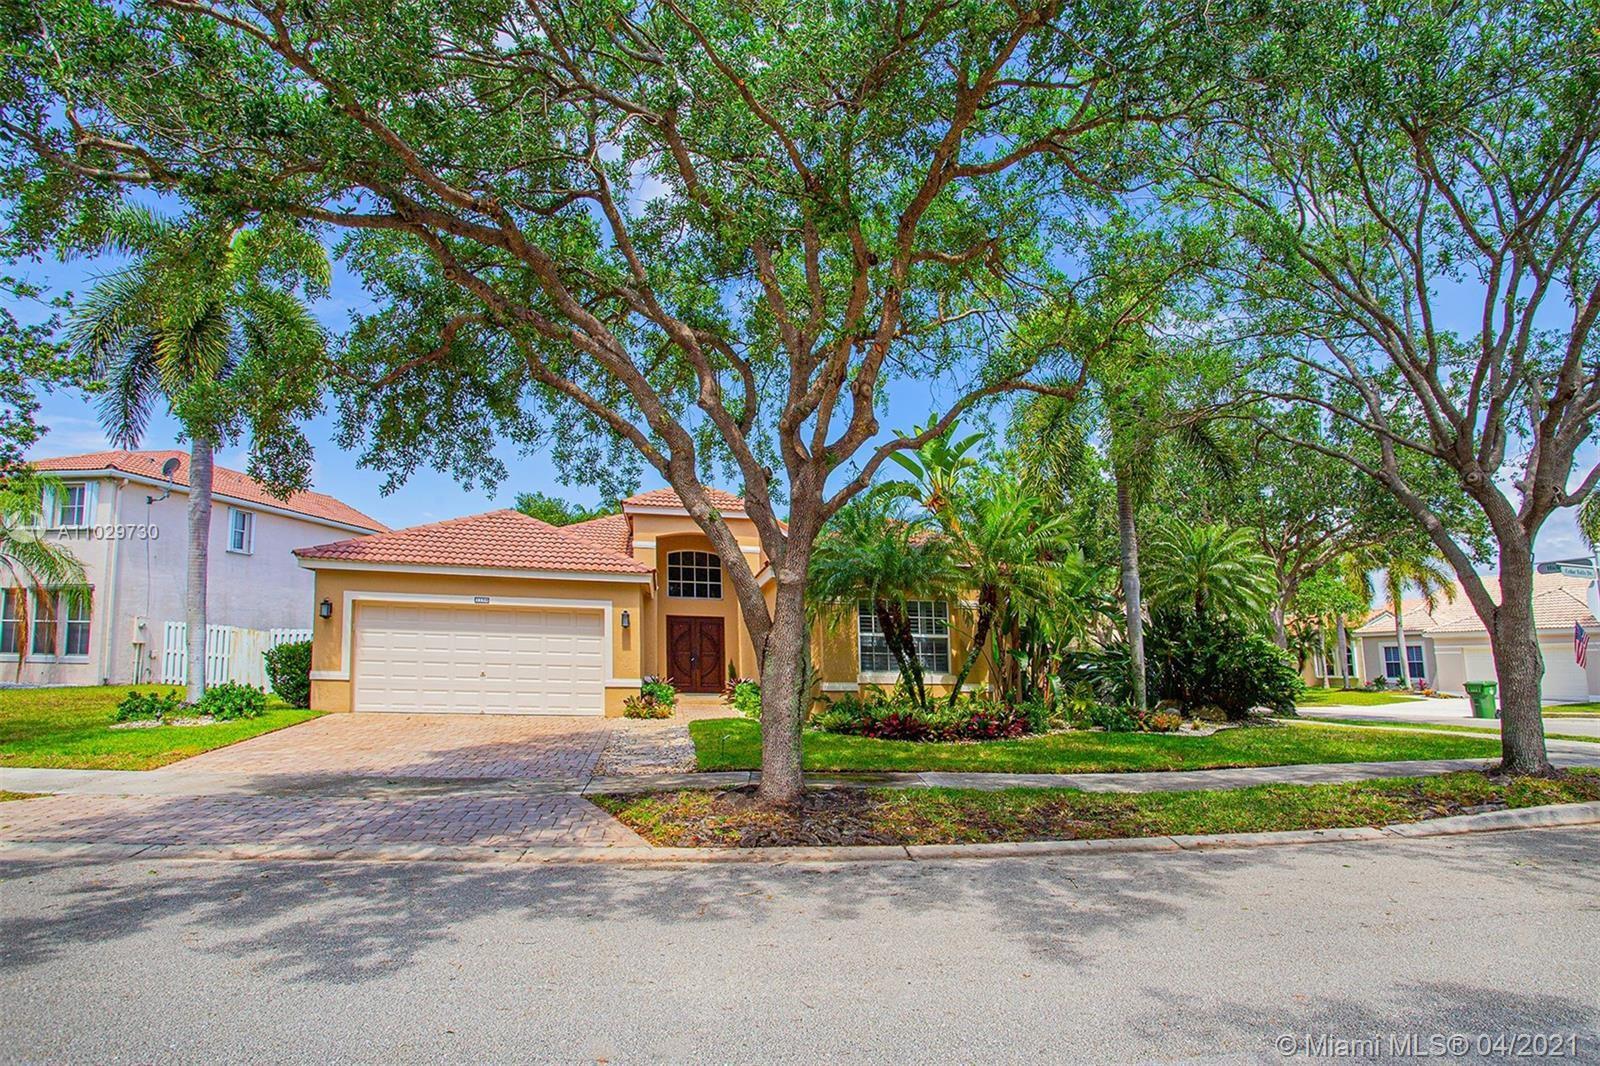 1139 Cedar Falls Dr, Weston, FL 33327 - #: A11029730